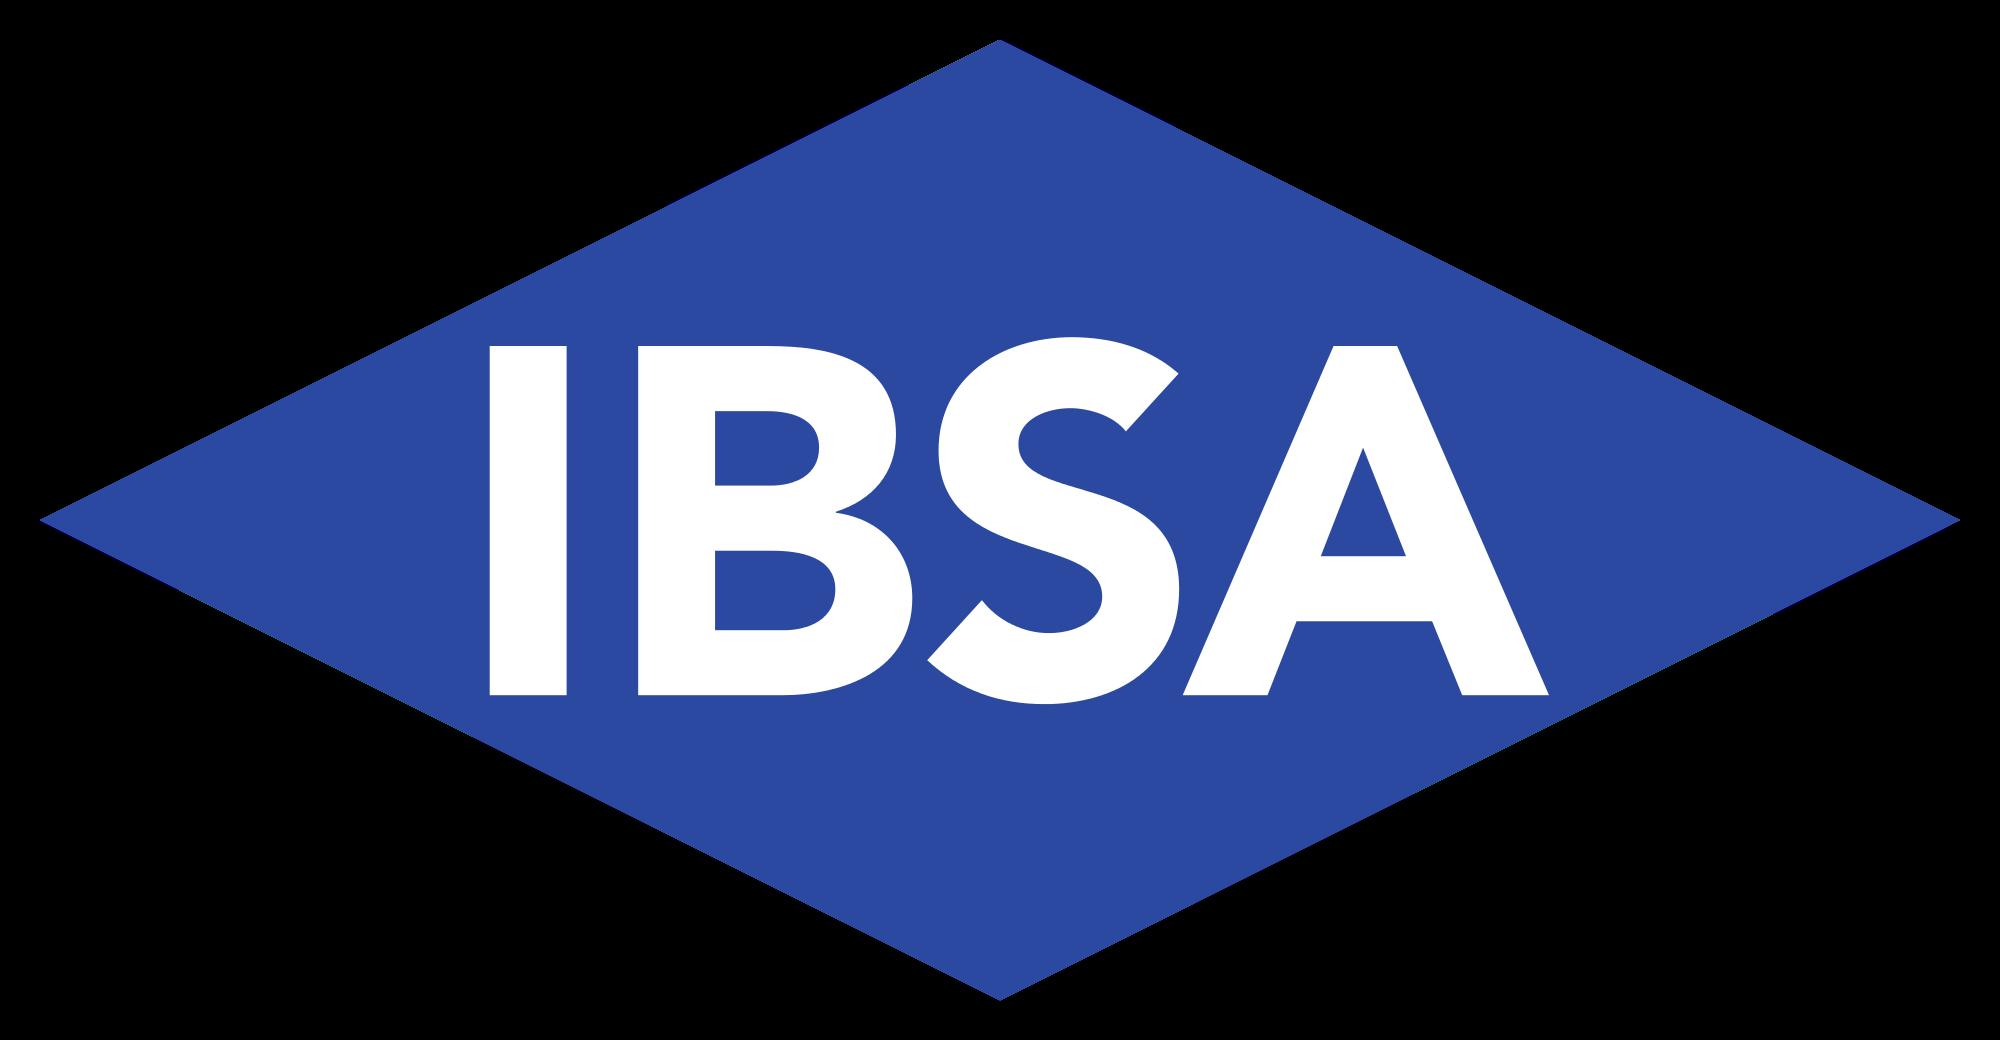 IBSA Farmaceutici Italia